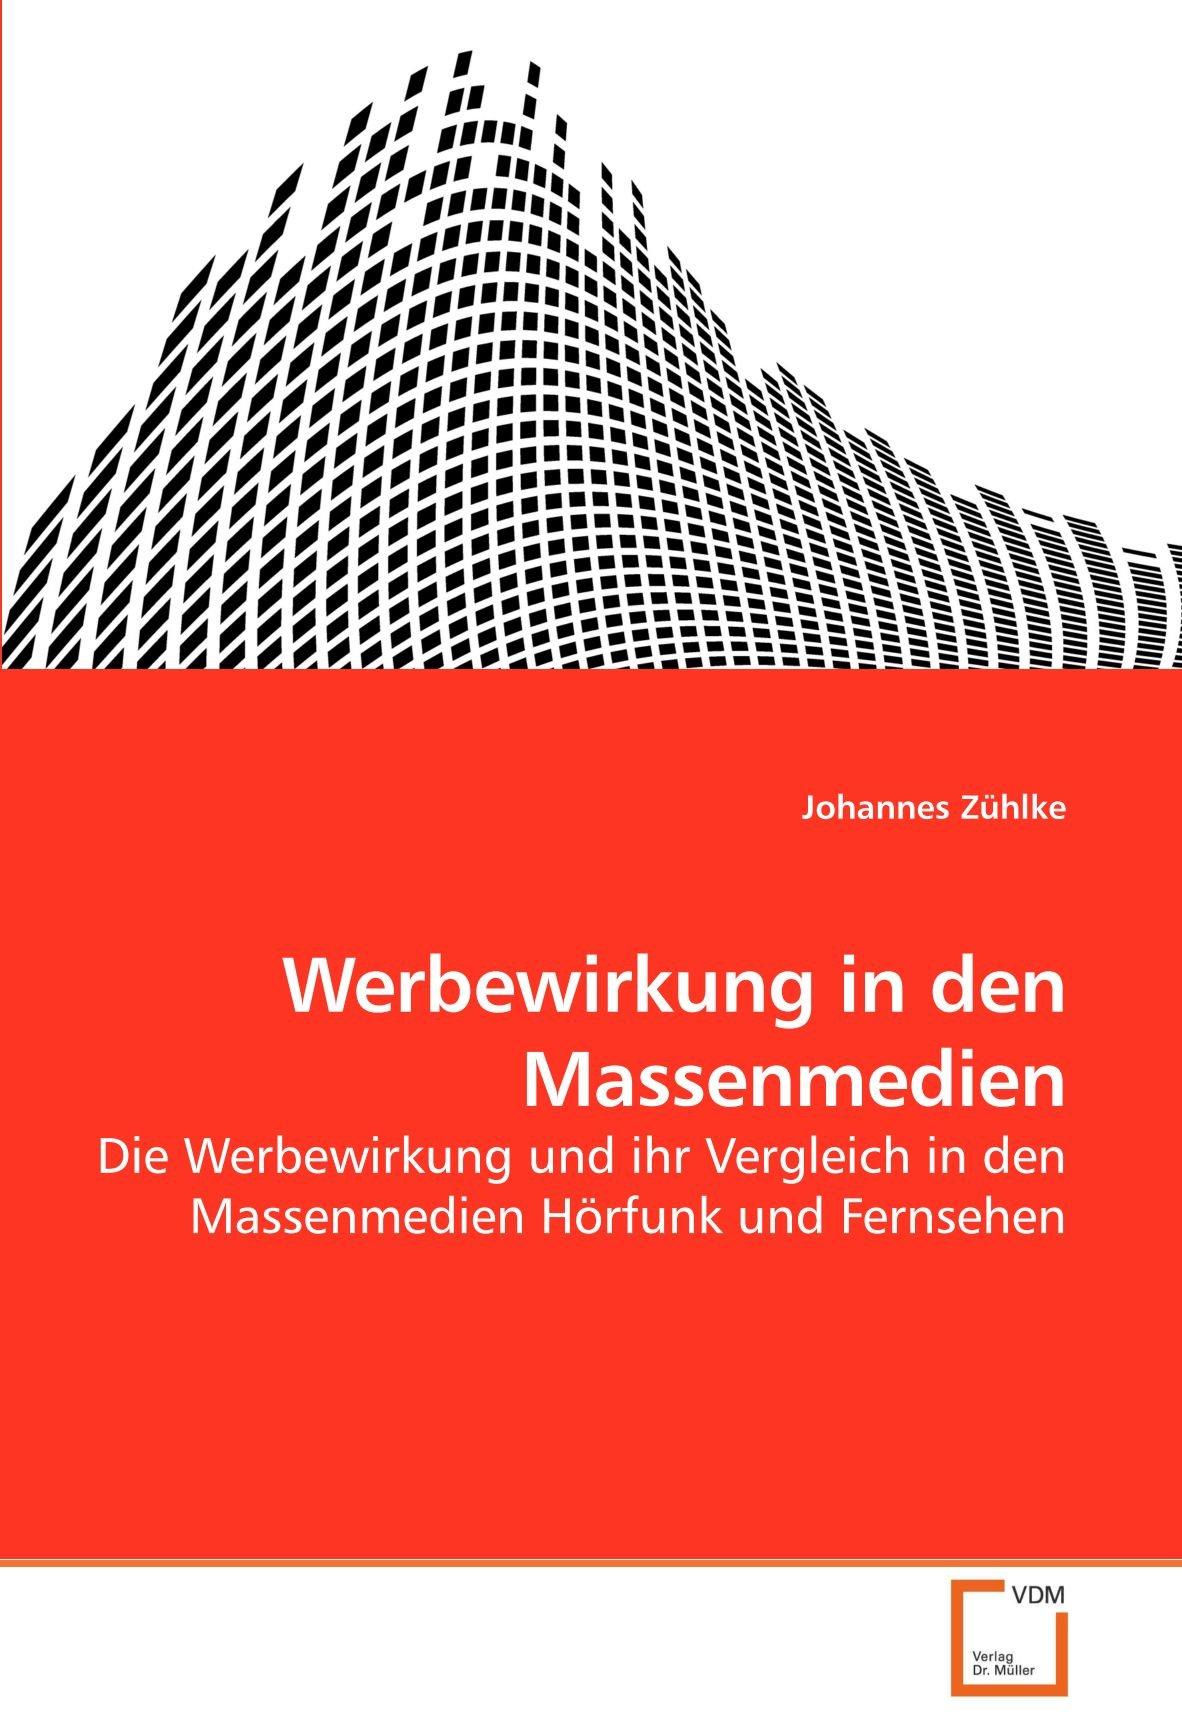 Werbewirkung in den Massenmedien: Die Werbewirkung und ihr Vergleich in den Massenmedien Hörfunk und Fernsehen (German Edition) pdf epub